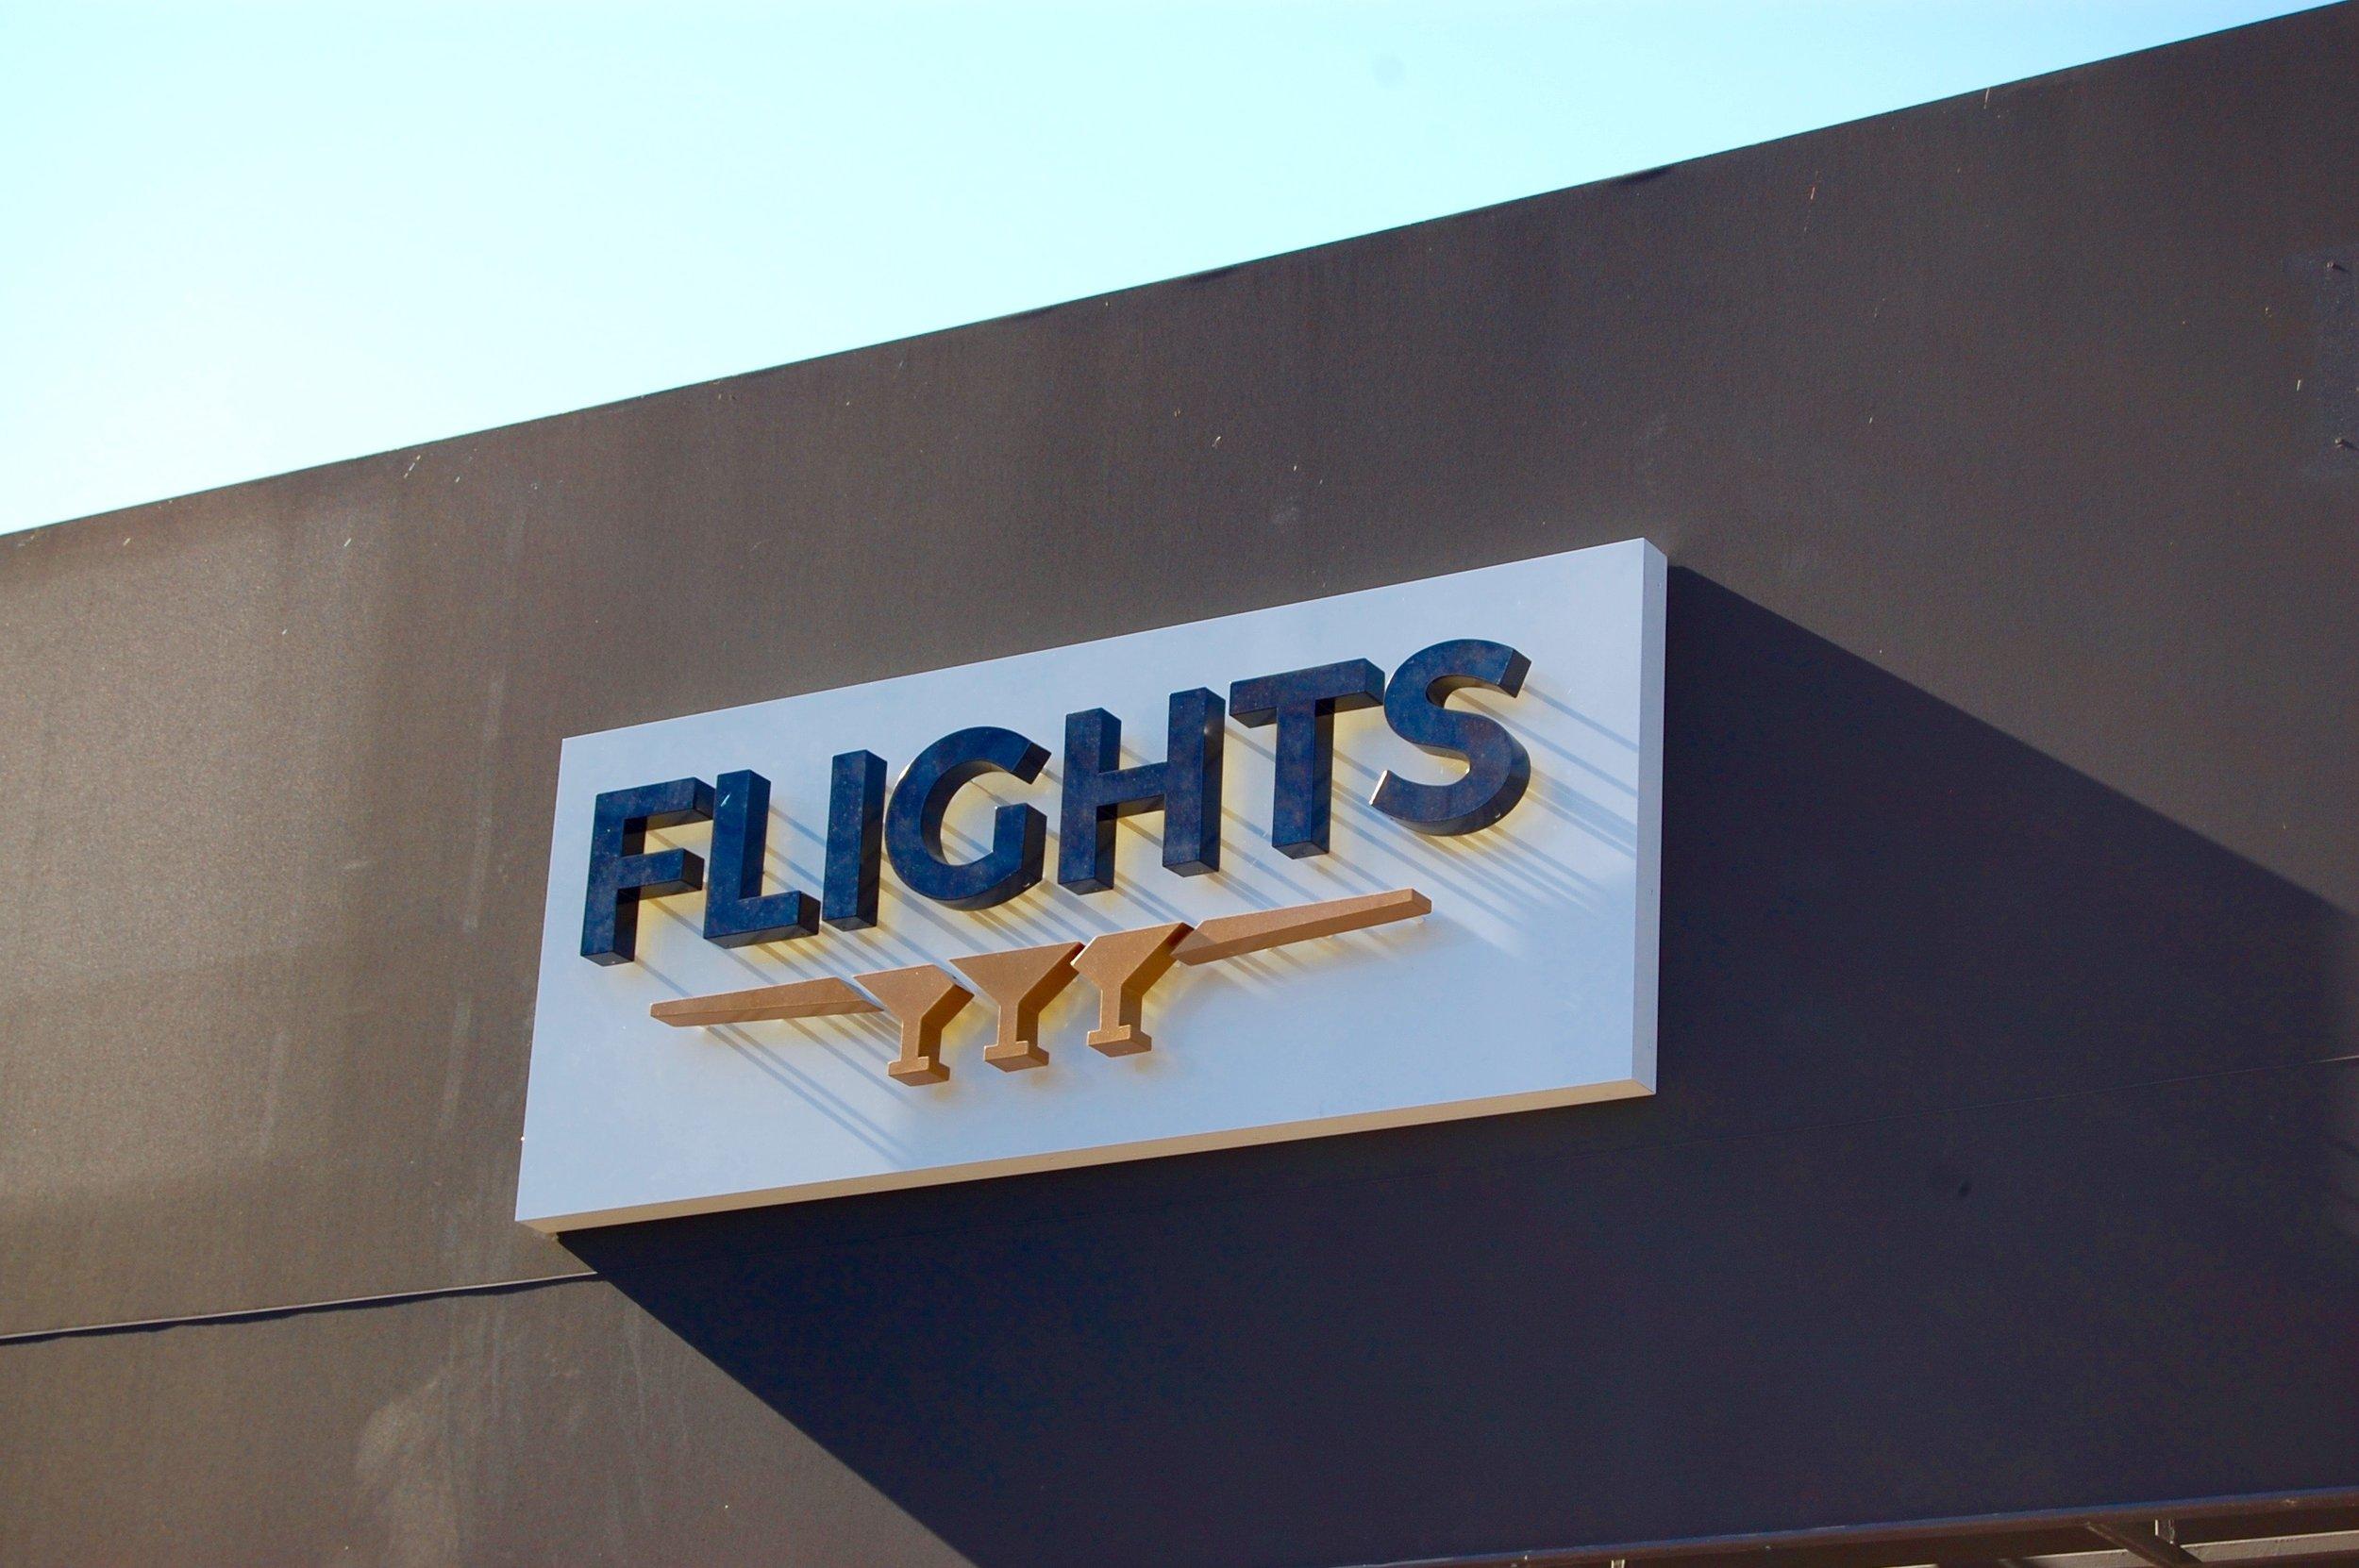 Flights Los Gatos, Alexander Hult's new restaurant